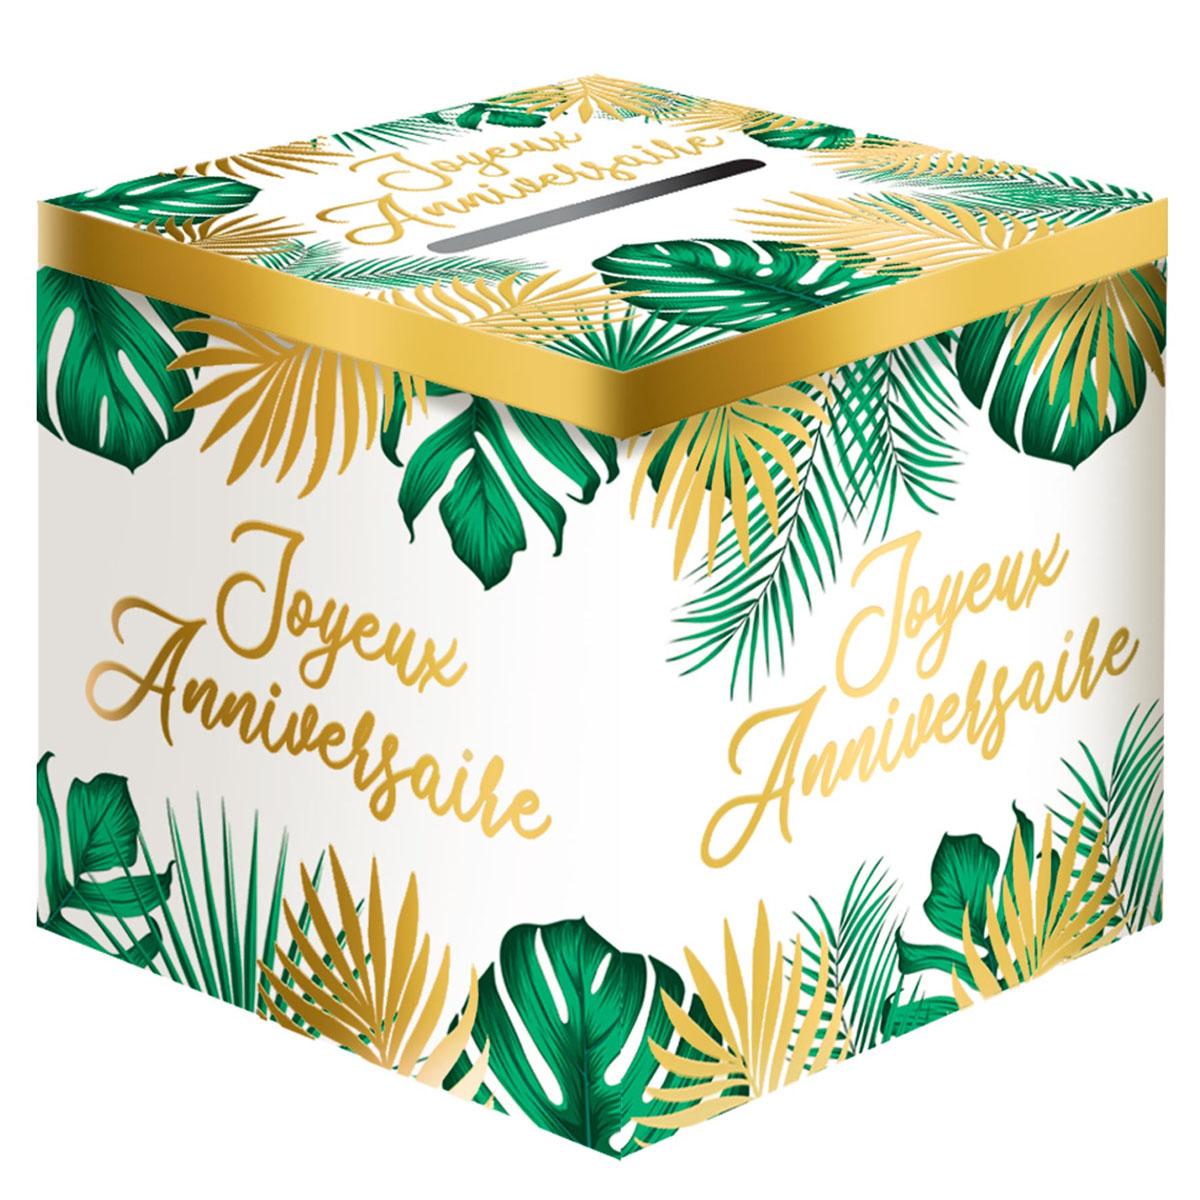 Urne \'Joyeux Anniversaire\' vert doré (tropical) - 20x20 cm - [A2733]